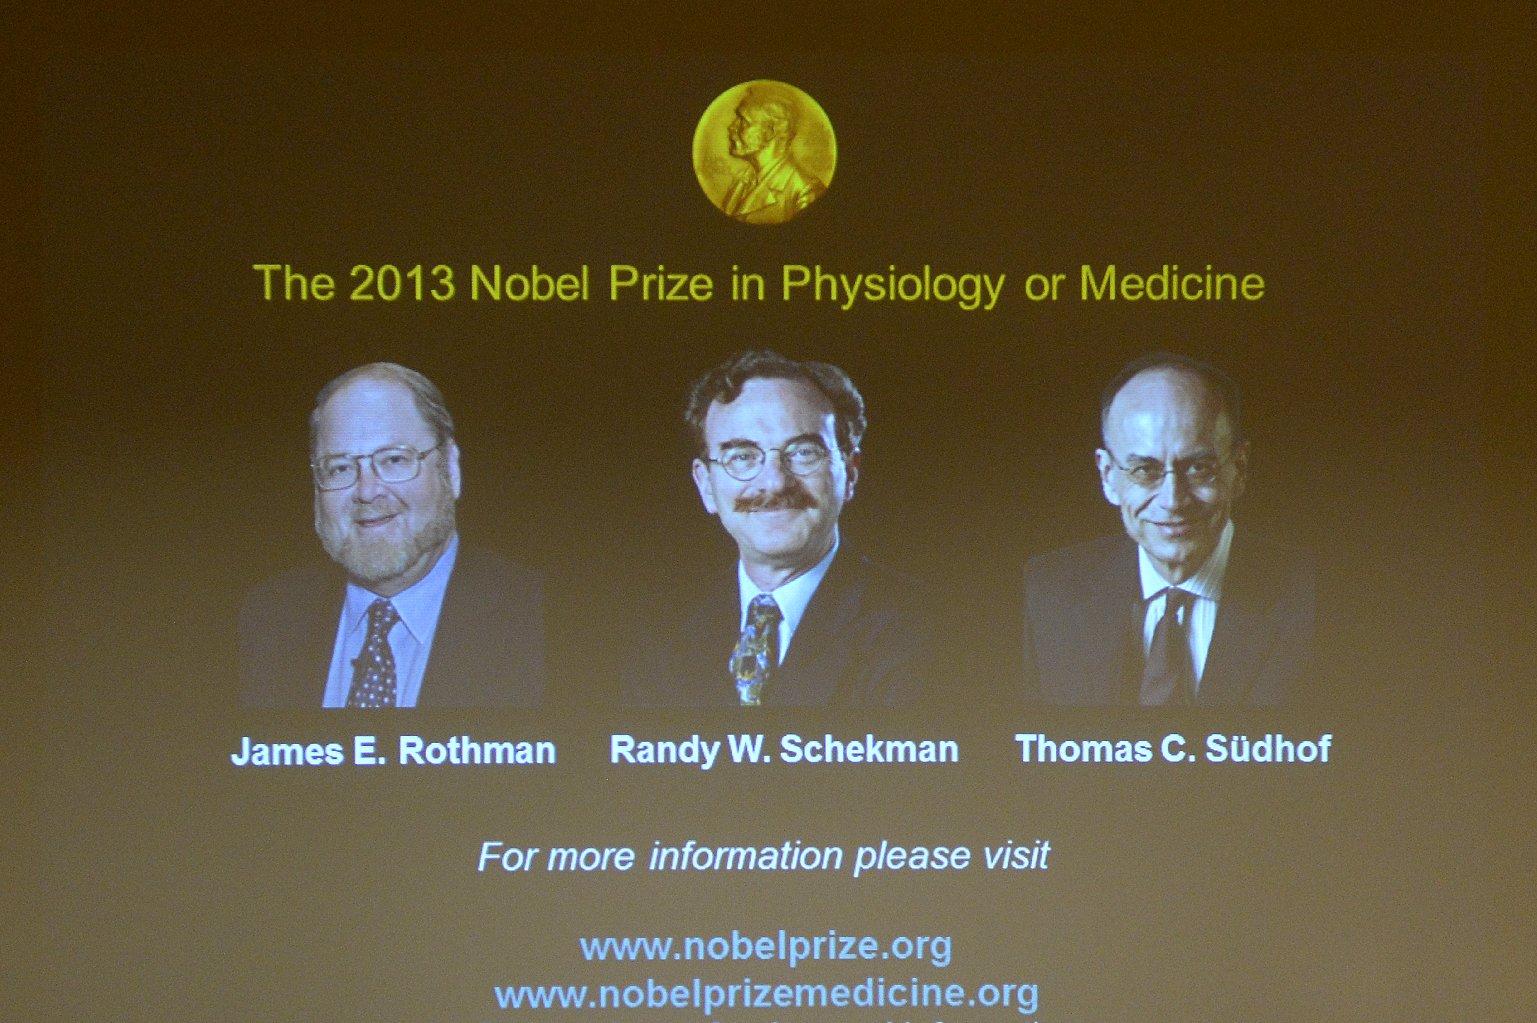 Berkeley, Stanford Scientists Share Nobel Prize for Medicine